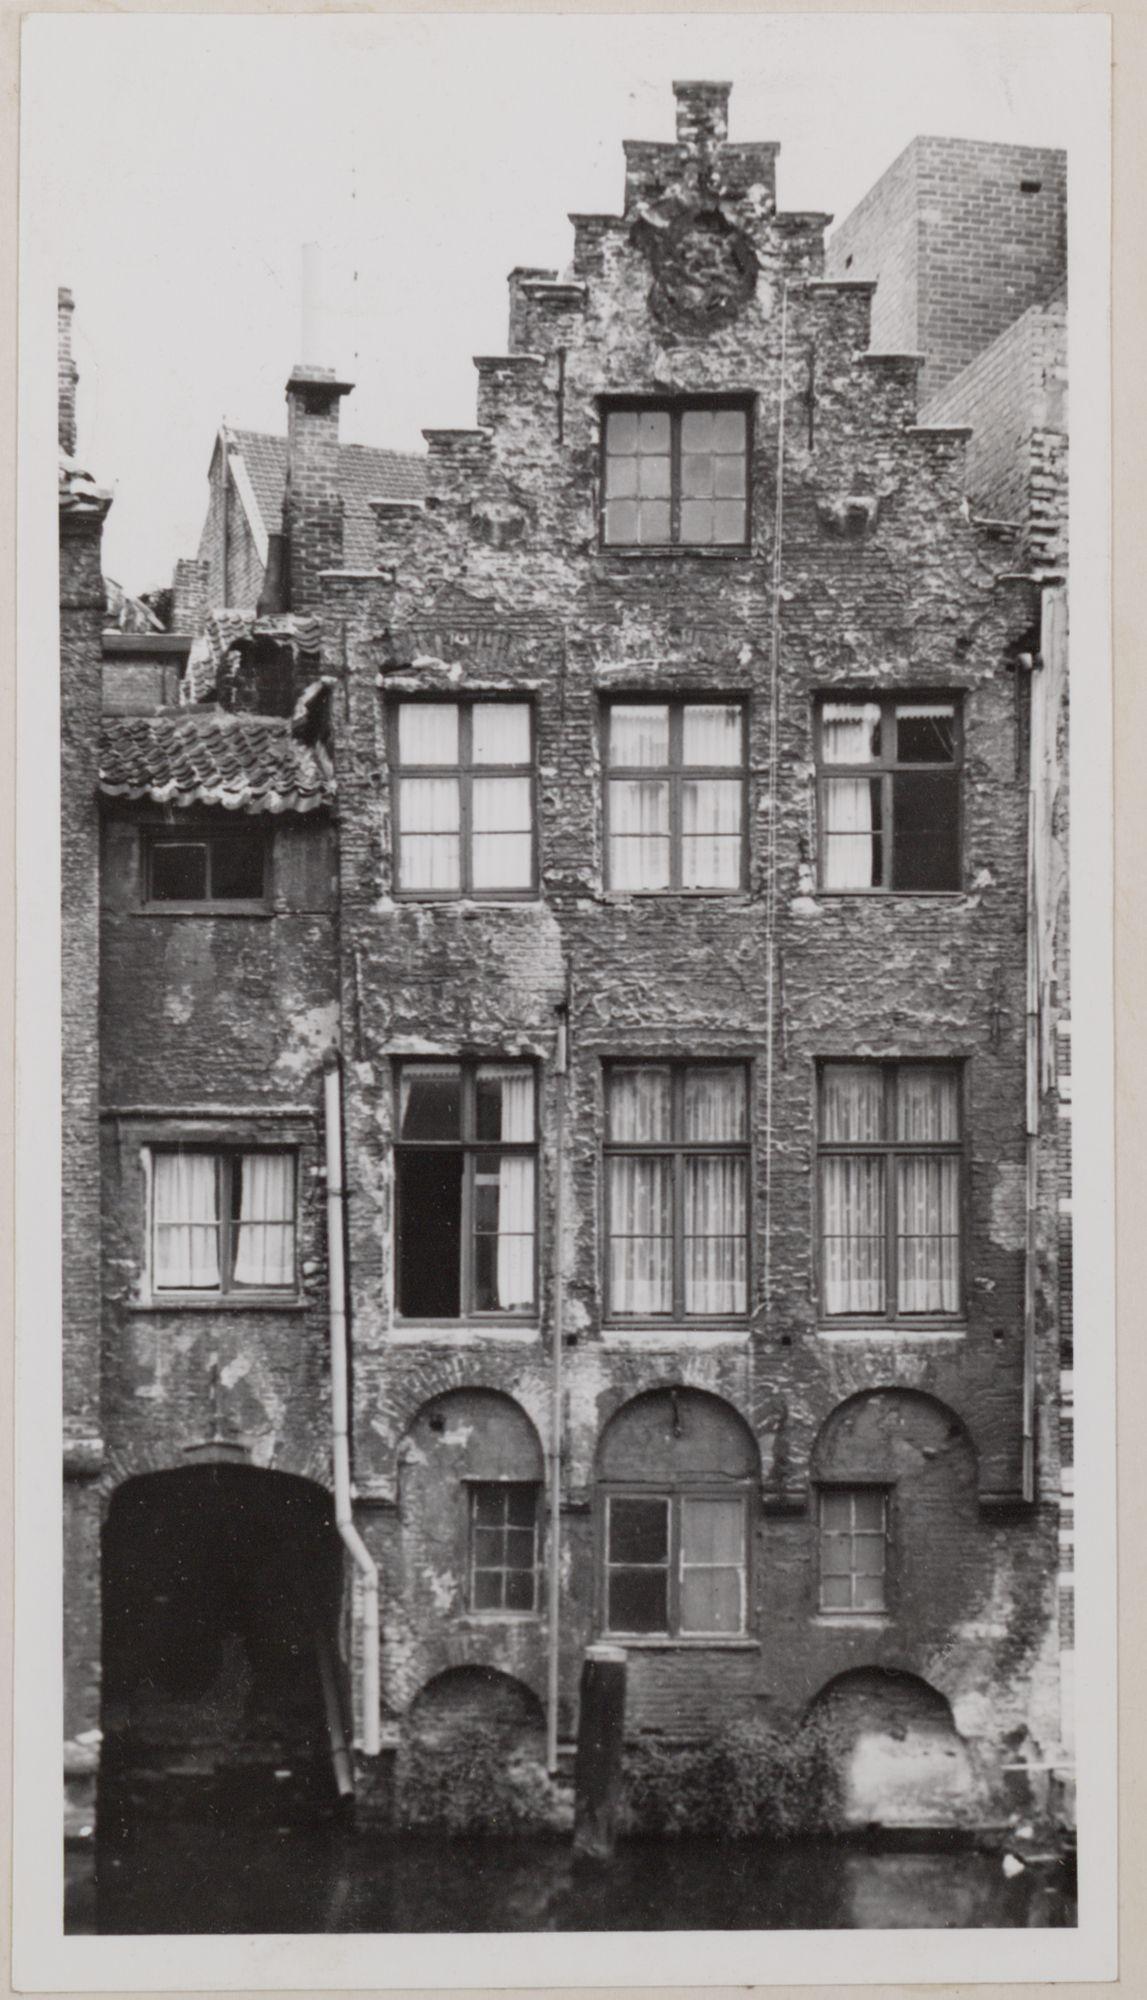 Gent: Achtergevel huis in de Langemunt, uitkijkend op de Leie